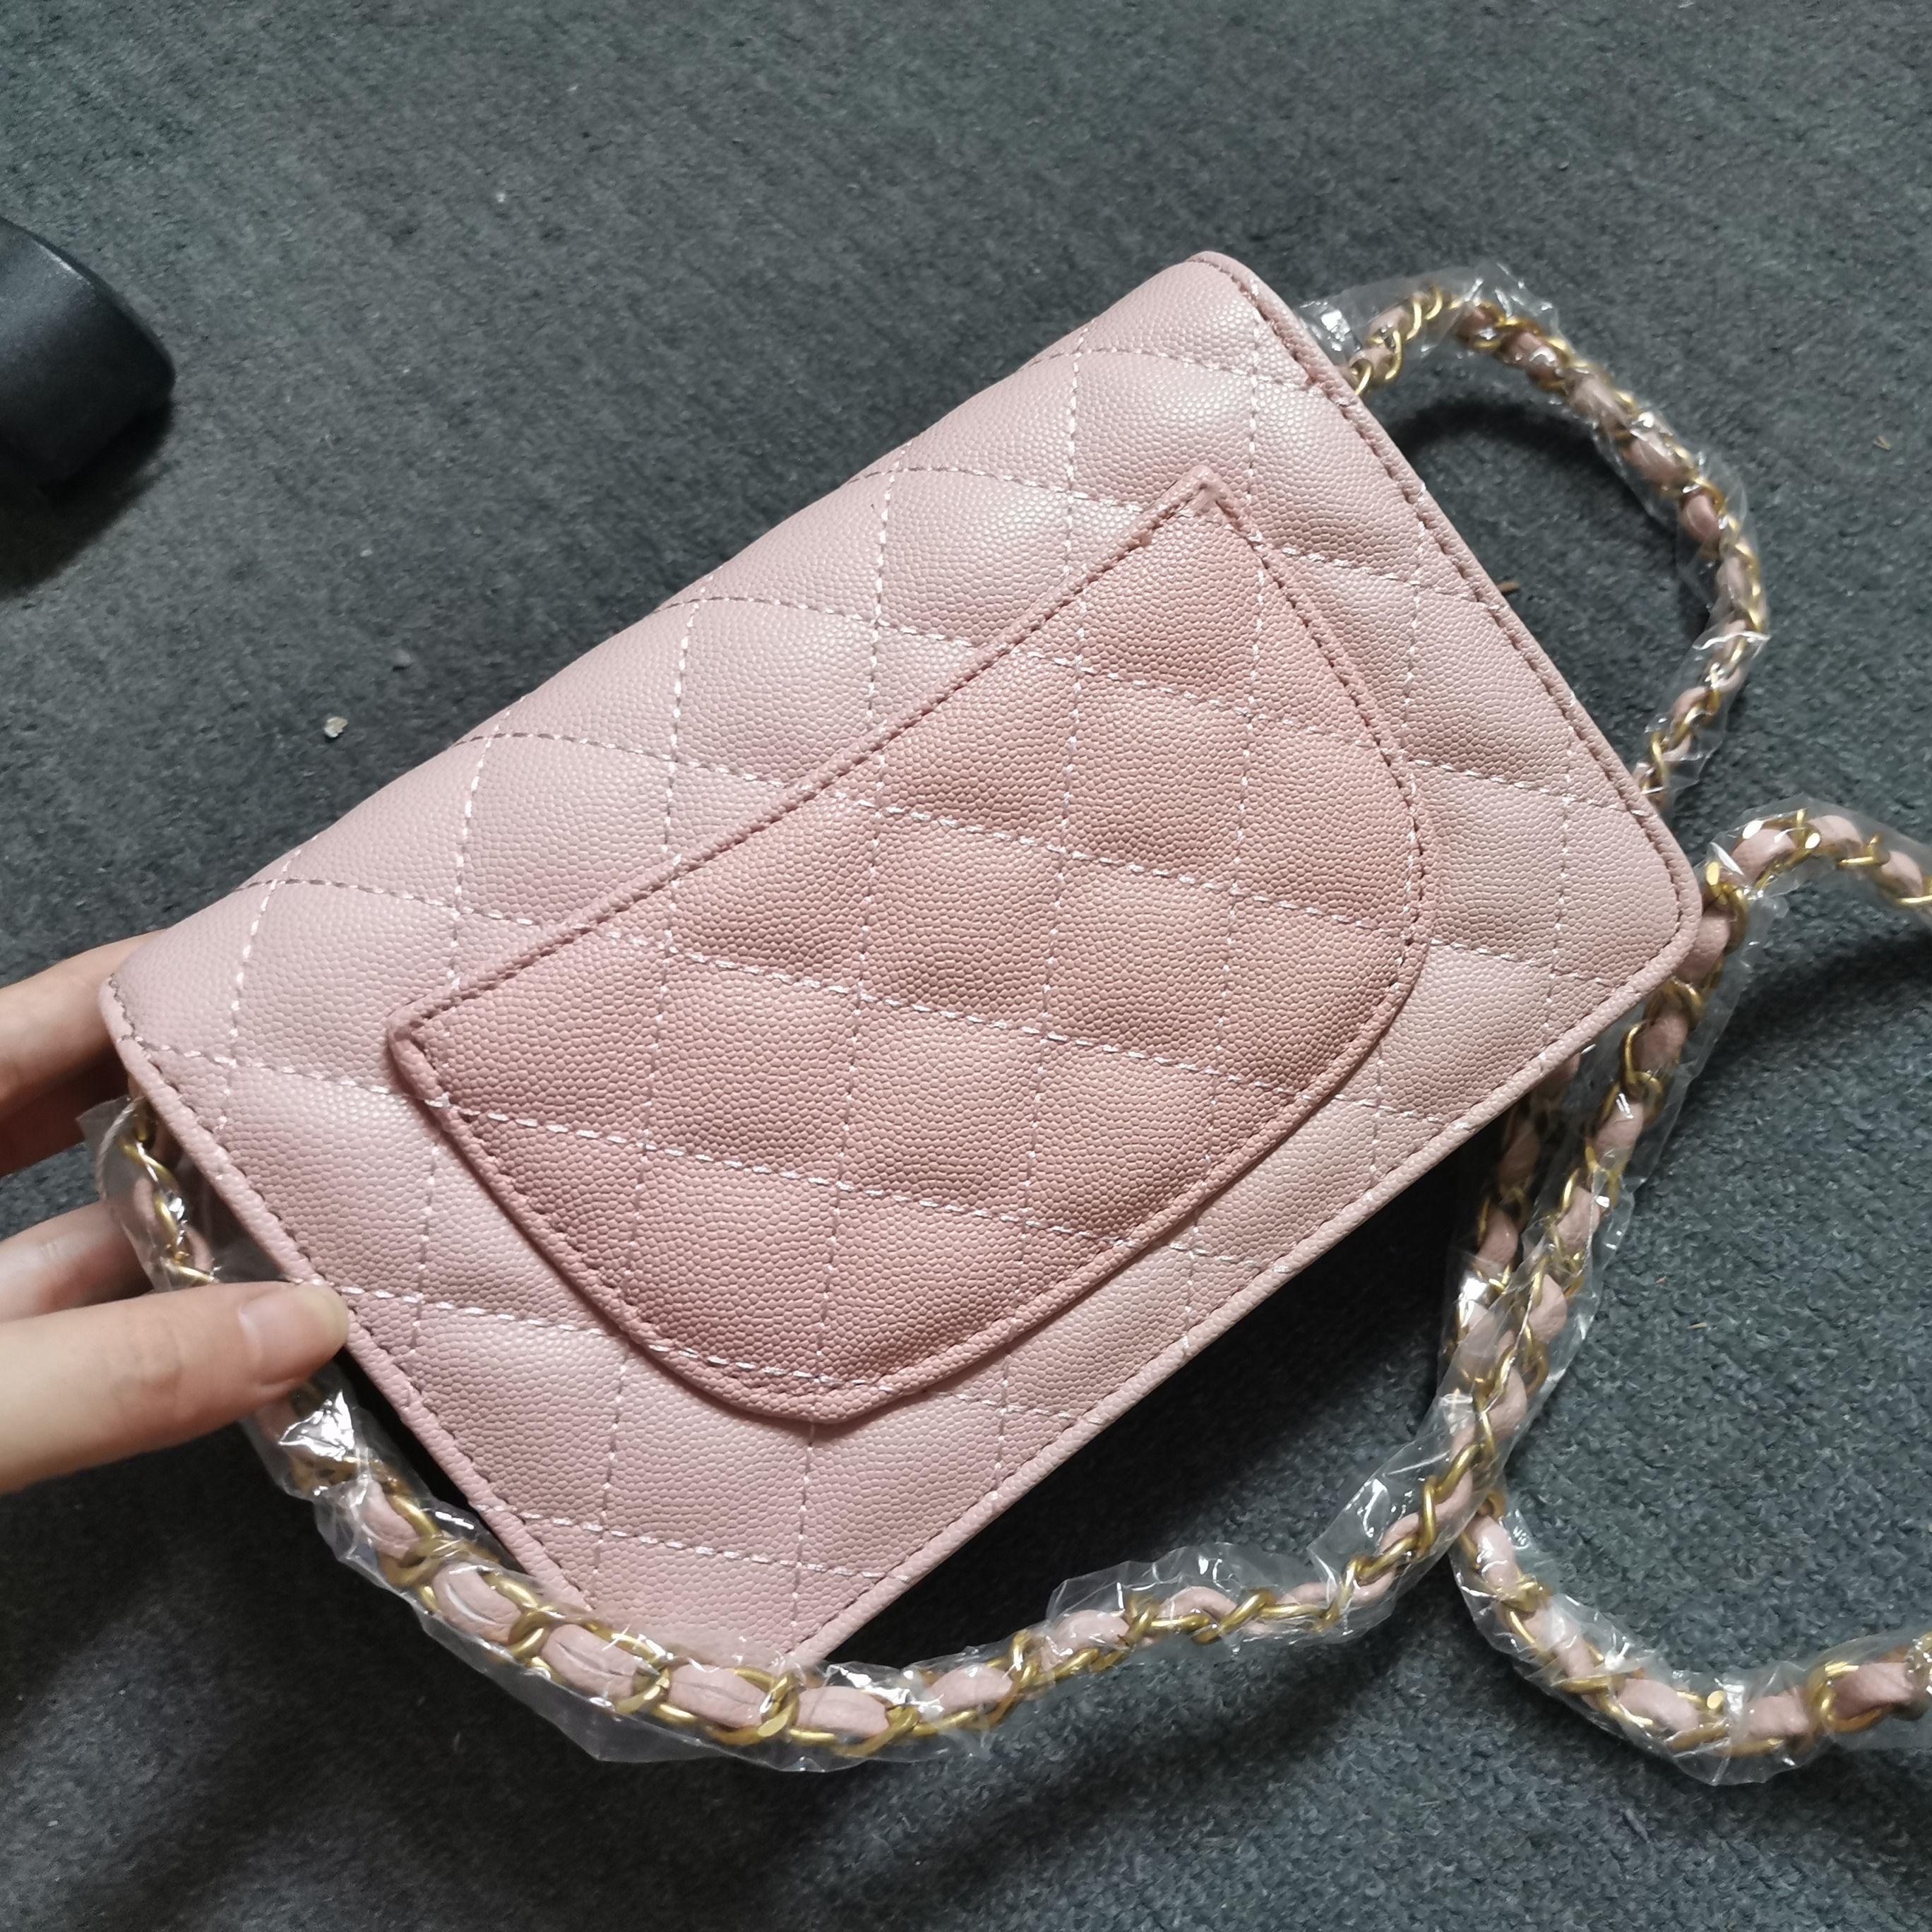 الكلاسيكية الكافيار السيدات حقيبة يد عالية الجودة مصمم فاخر محفظة الوجه سلسلة حقيبة كتف حقيبة ساعي صغيرة 2021